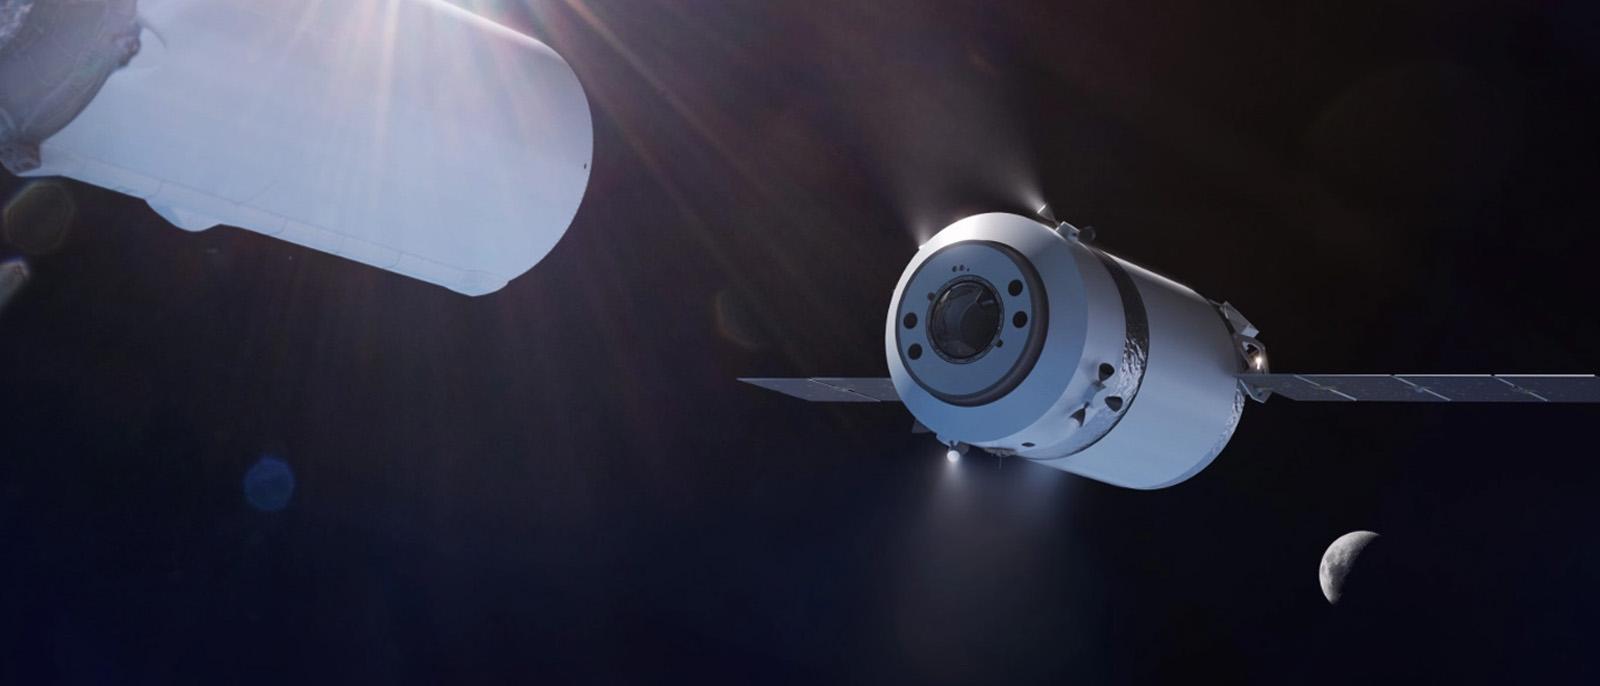 SpaceX soll mit einem Weltraum-Muli die zukünftigen Mond-Astronauten versorgen